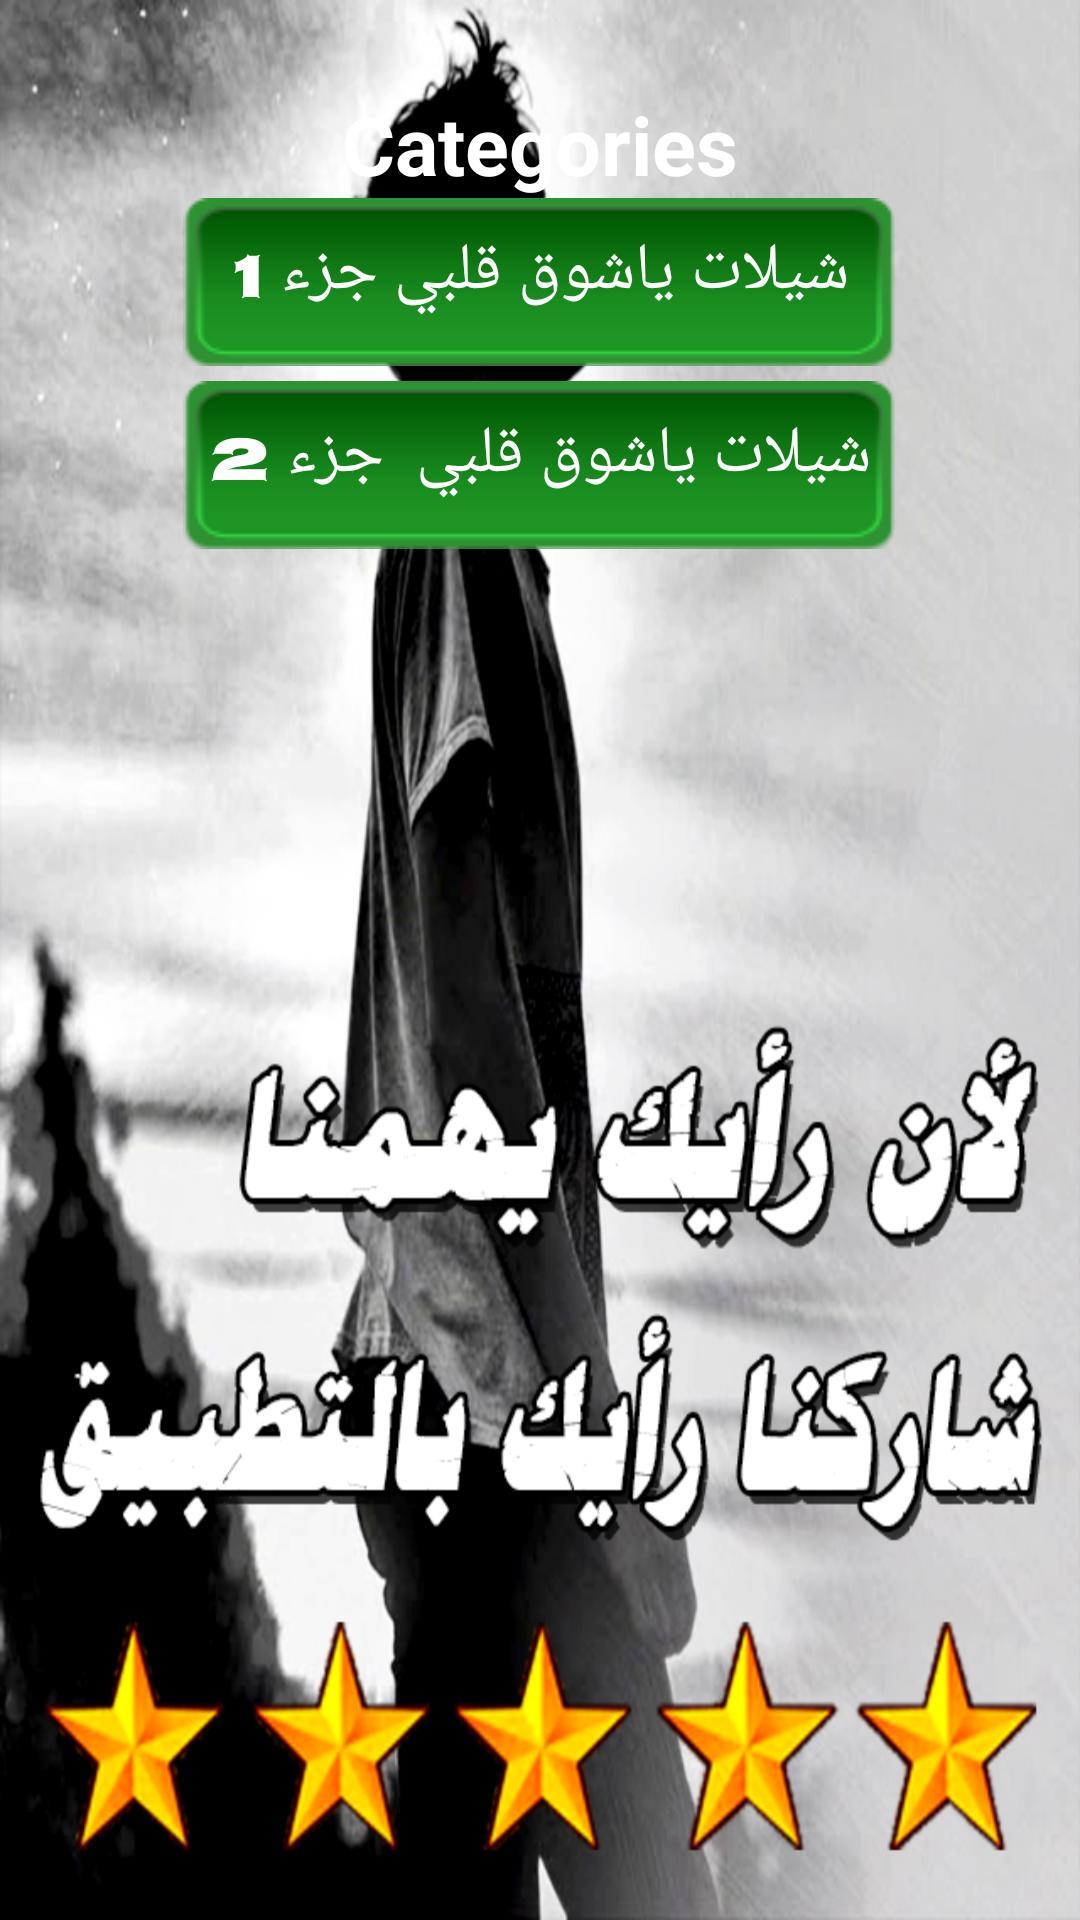 تحميل شيلة ياشوق قلبي وعيني mp3